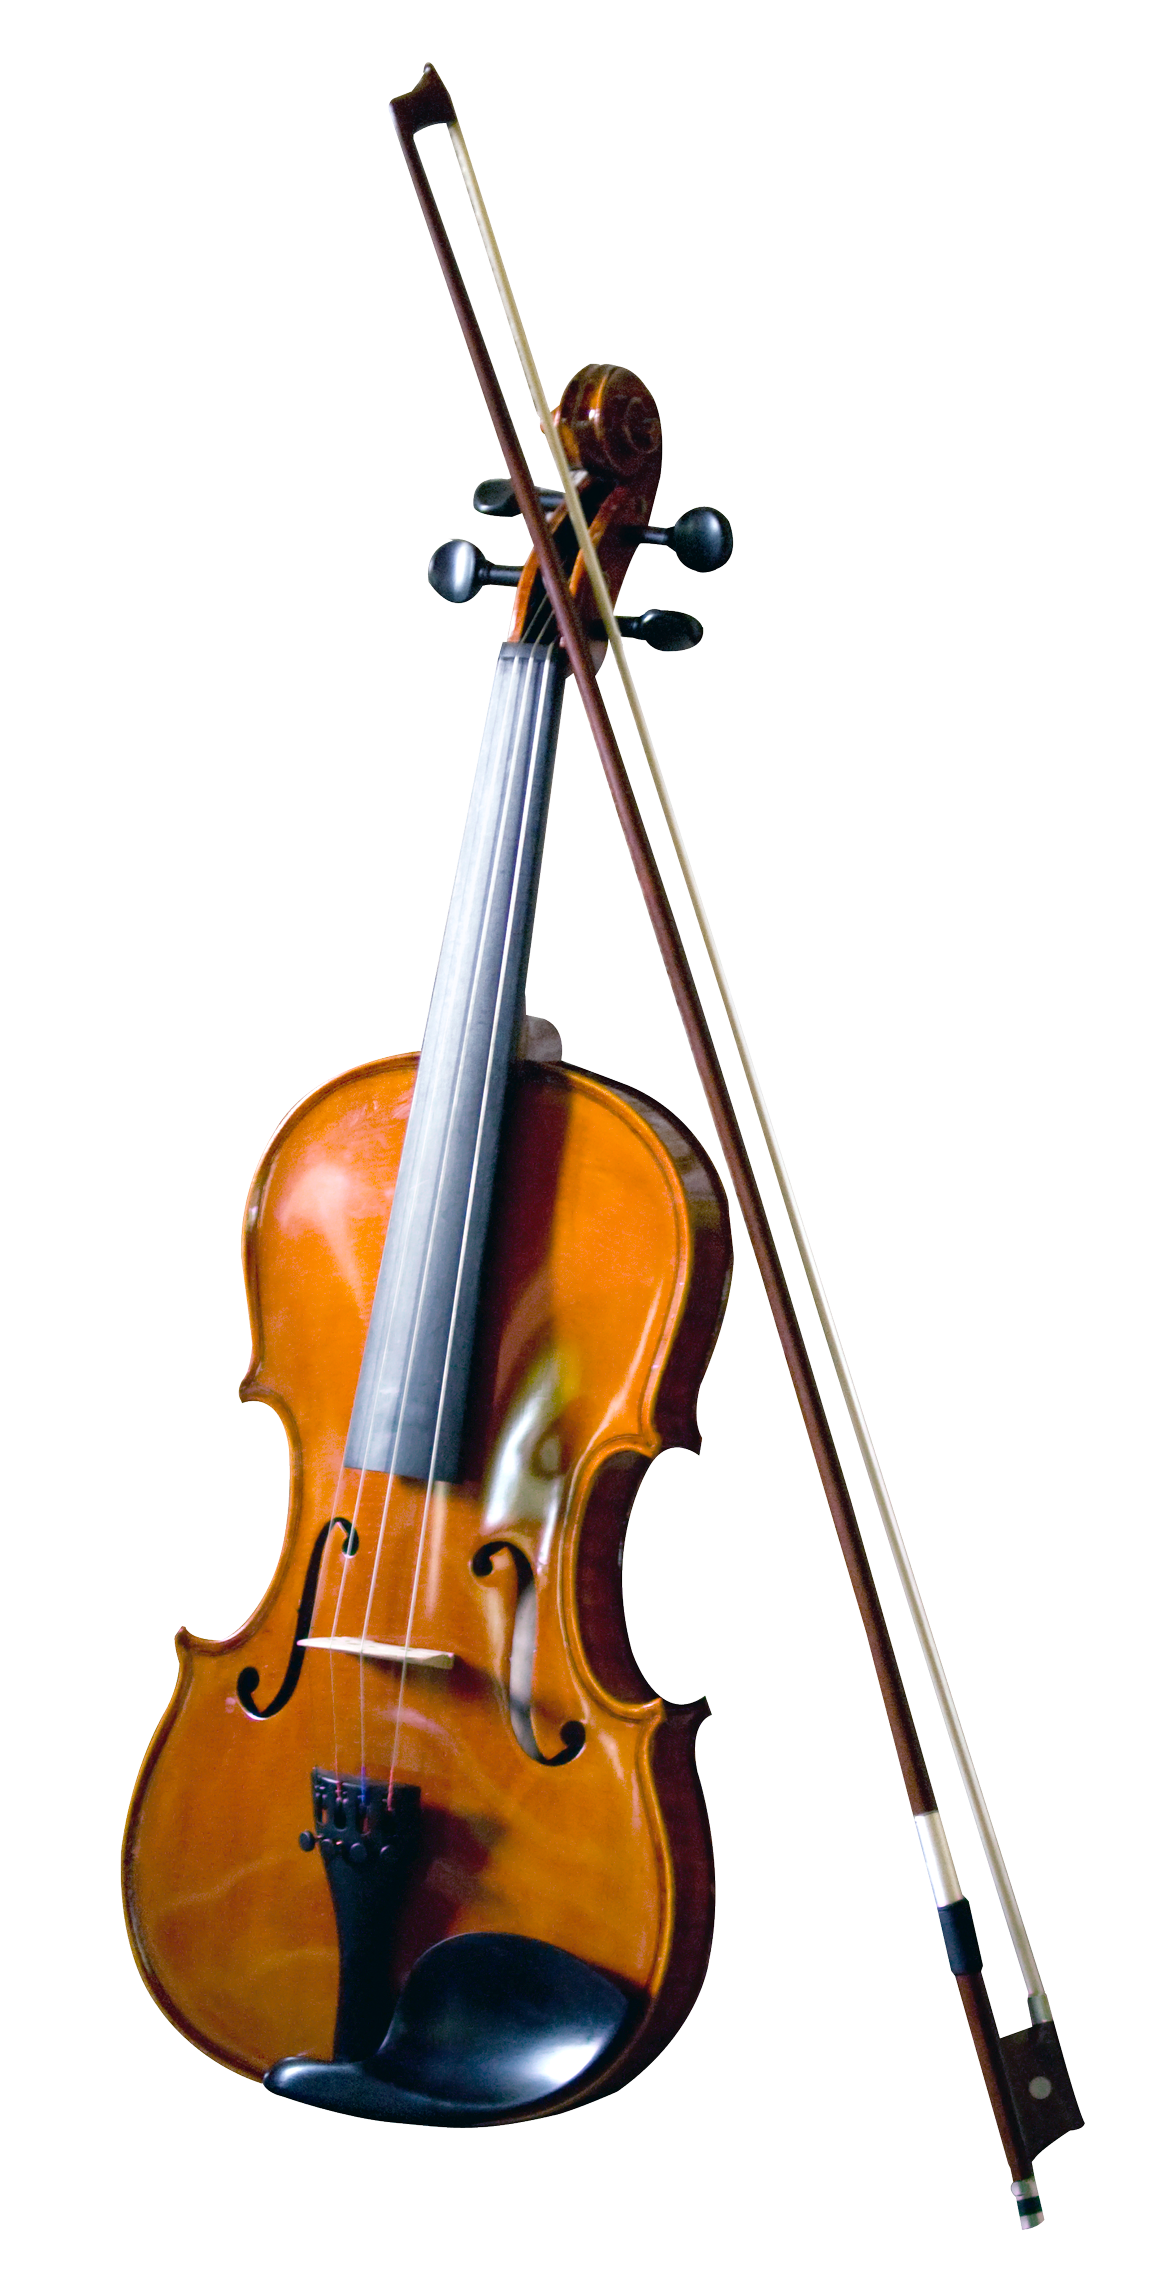 PNG Violin-PlusPNG.com-1166 - PNG Violin